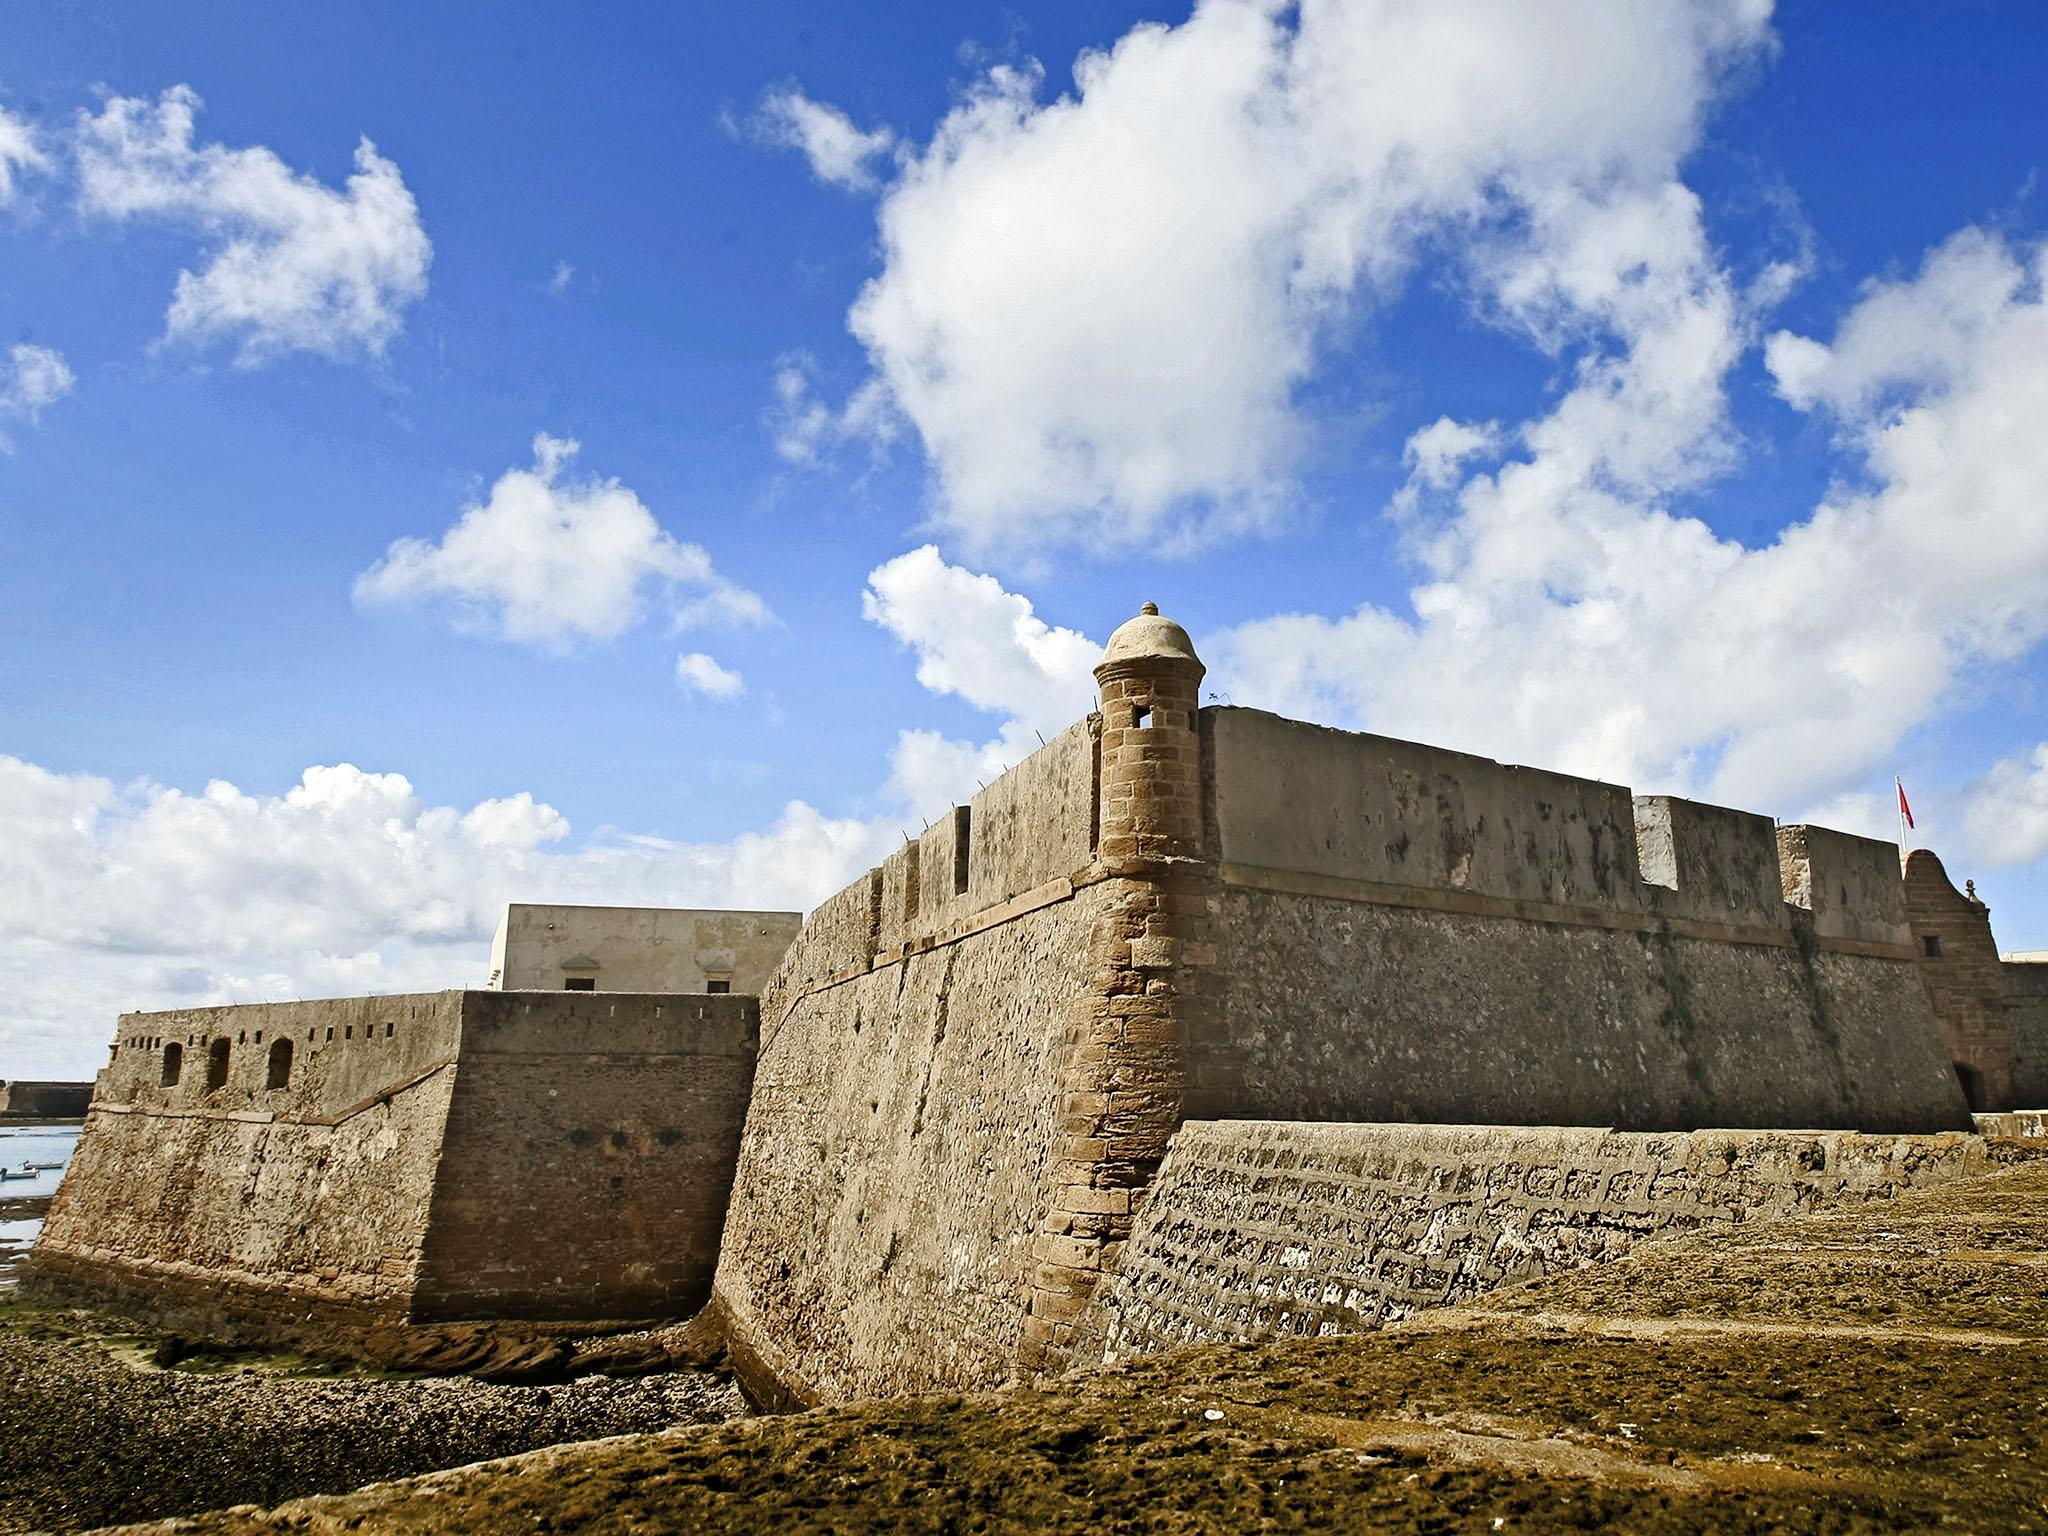 Turismo ayuntamiento de c diz castillo de santa catalina for Oficina de turismo en cadiz